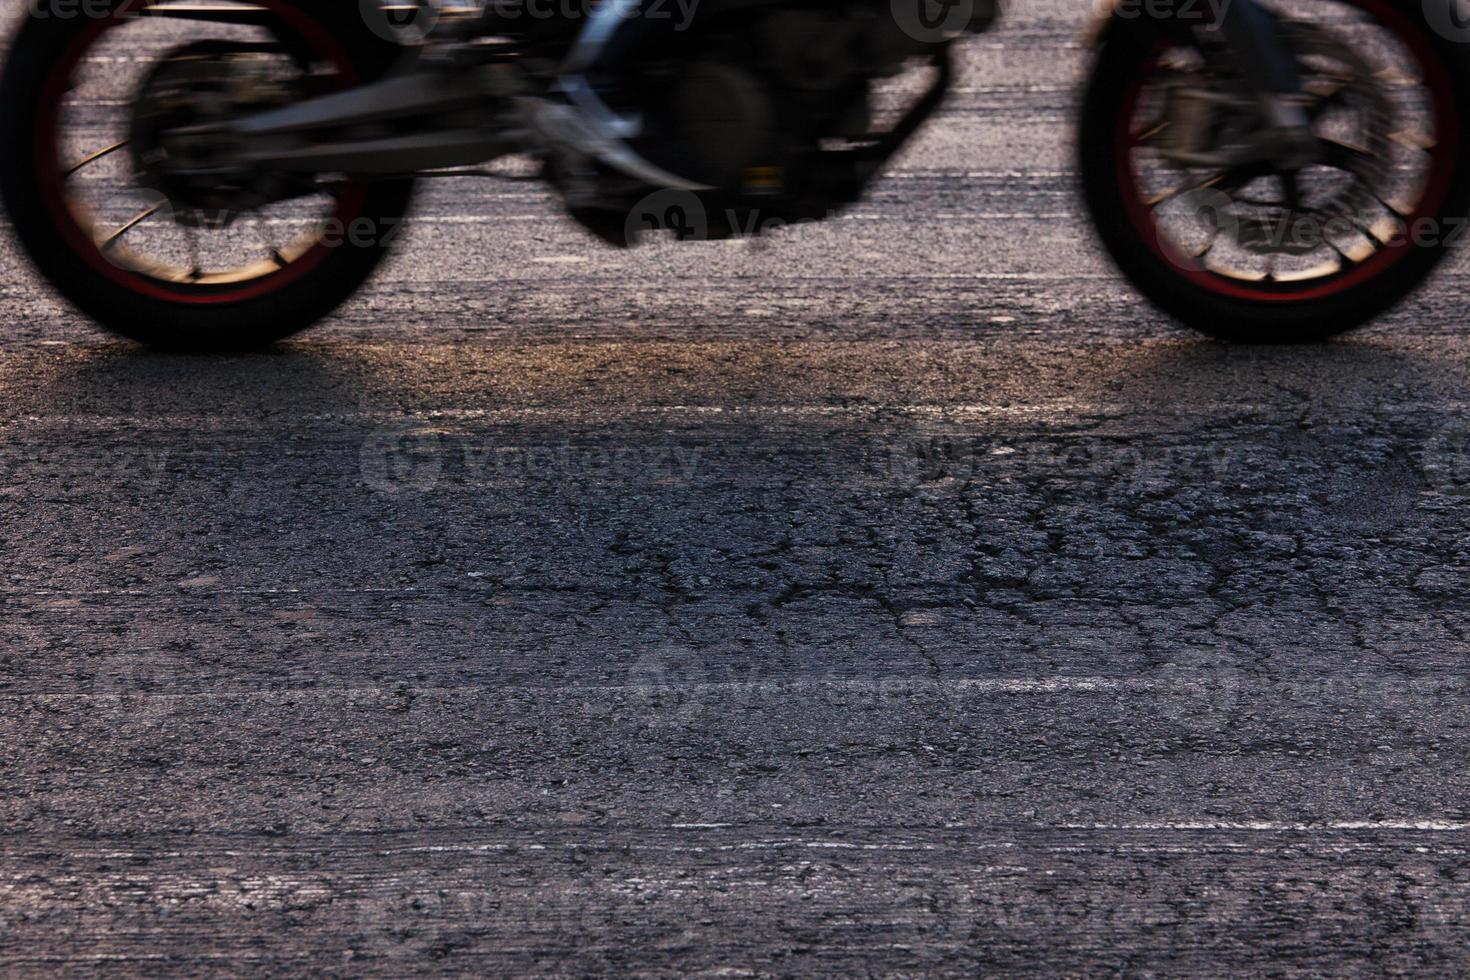 snel motorrijdend op de weg foto